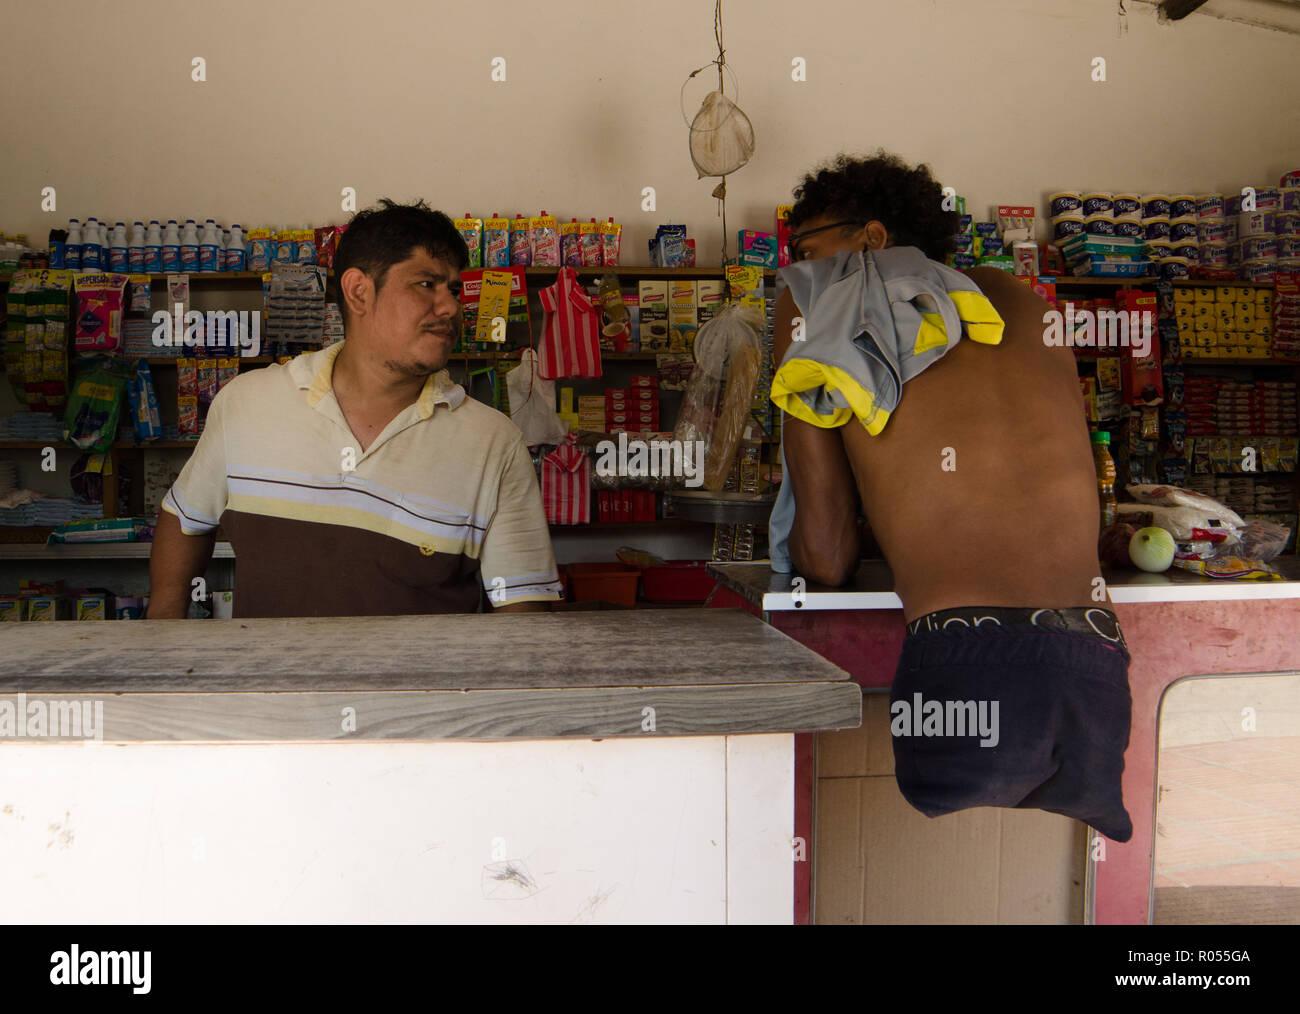 """Barranquilla, Colombia. 21 Oct, 2018. Alfonso Mendoza (r) de Venezuela, habla con el dueño de una pequeña tienda en la ciudad colombiana de Barranquilla. Mendoza nació sin piernas, pero él nunca dejaba de estar parado. A los 25 años es un skater, surfer y rapero y recientemente se ha convertido en un padre. Al igual que cientos de miles de sus compatriotas, el venezolano huían del hambre, la miseria y la opresión en su natal Venezuela. (Dpa """"contra todas las fronteras: los venezolanos sin piernas lucha por la normalidad"""" de 02.11.2018) Credit: Natalia Ortiz Mantilla/dpa/Alamy Live News Foto de stock"""